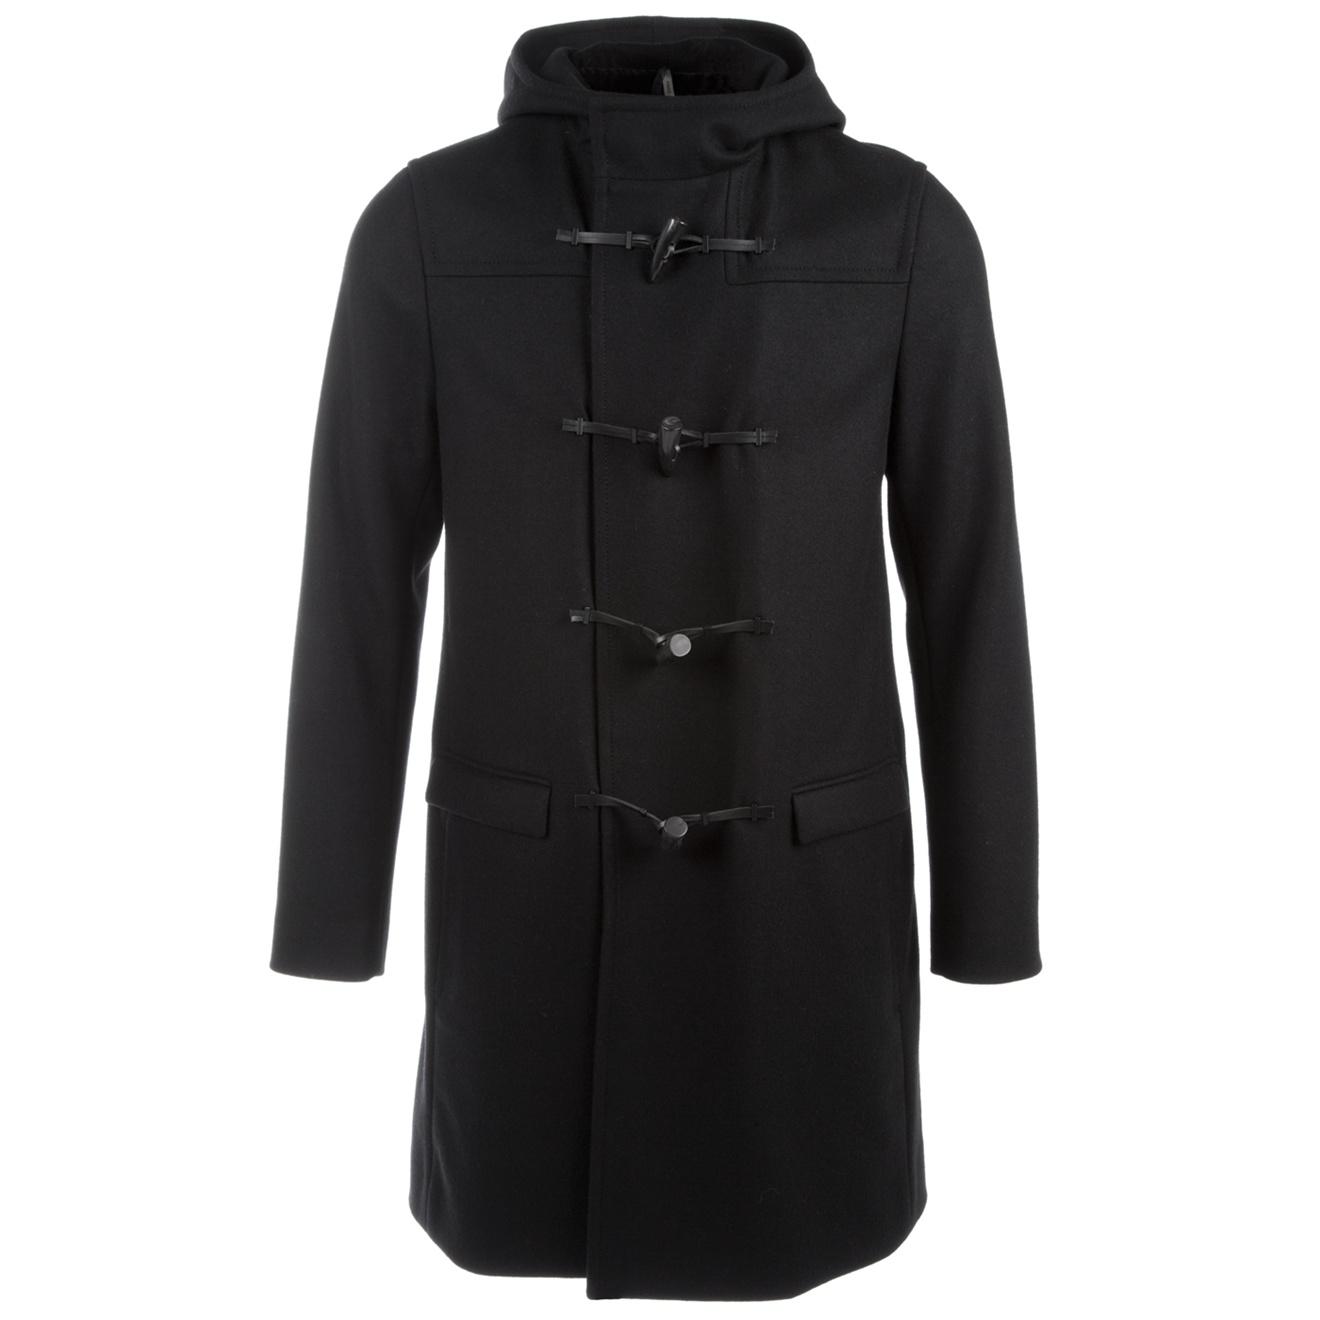 dior homme duffle coat in black for men lyst. Black Bedroom Furniture Sets. Home Design Ideas